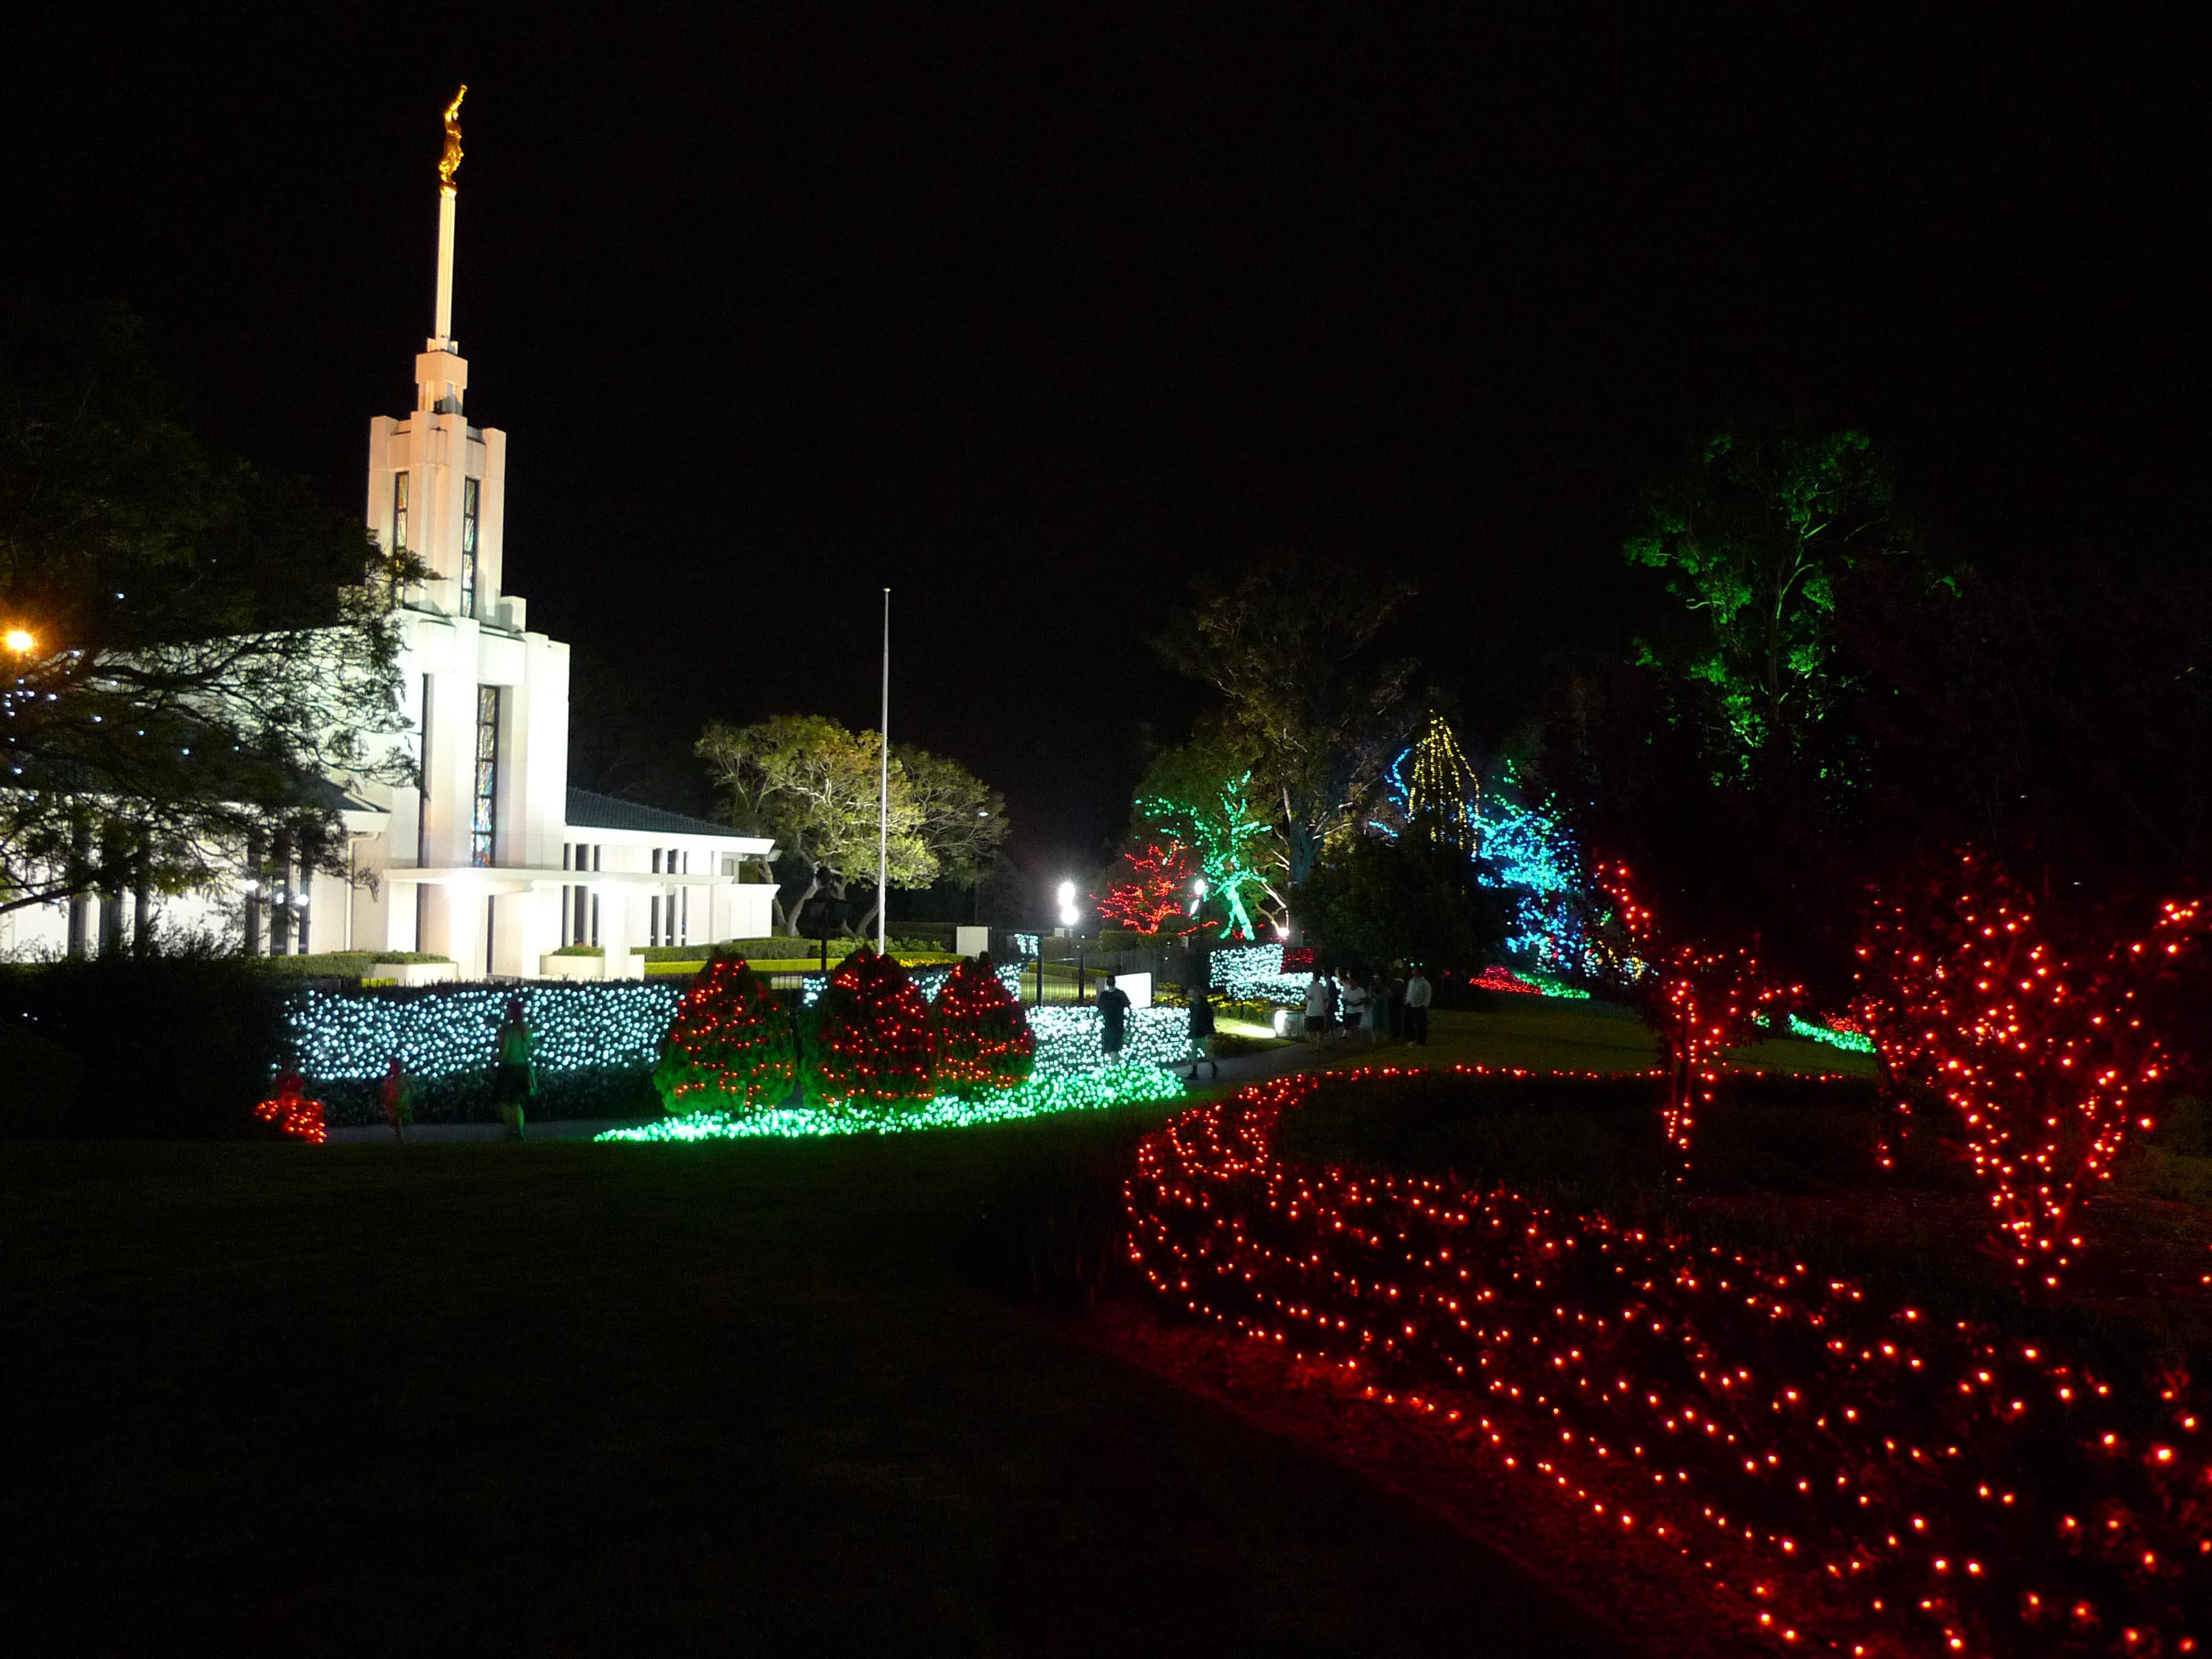 Christmas Lights and the Life of Jesus Christ to Shine Again